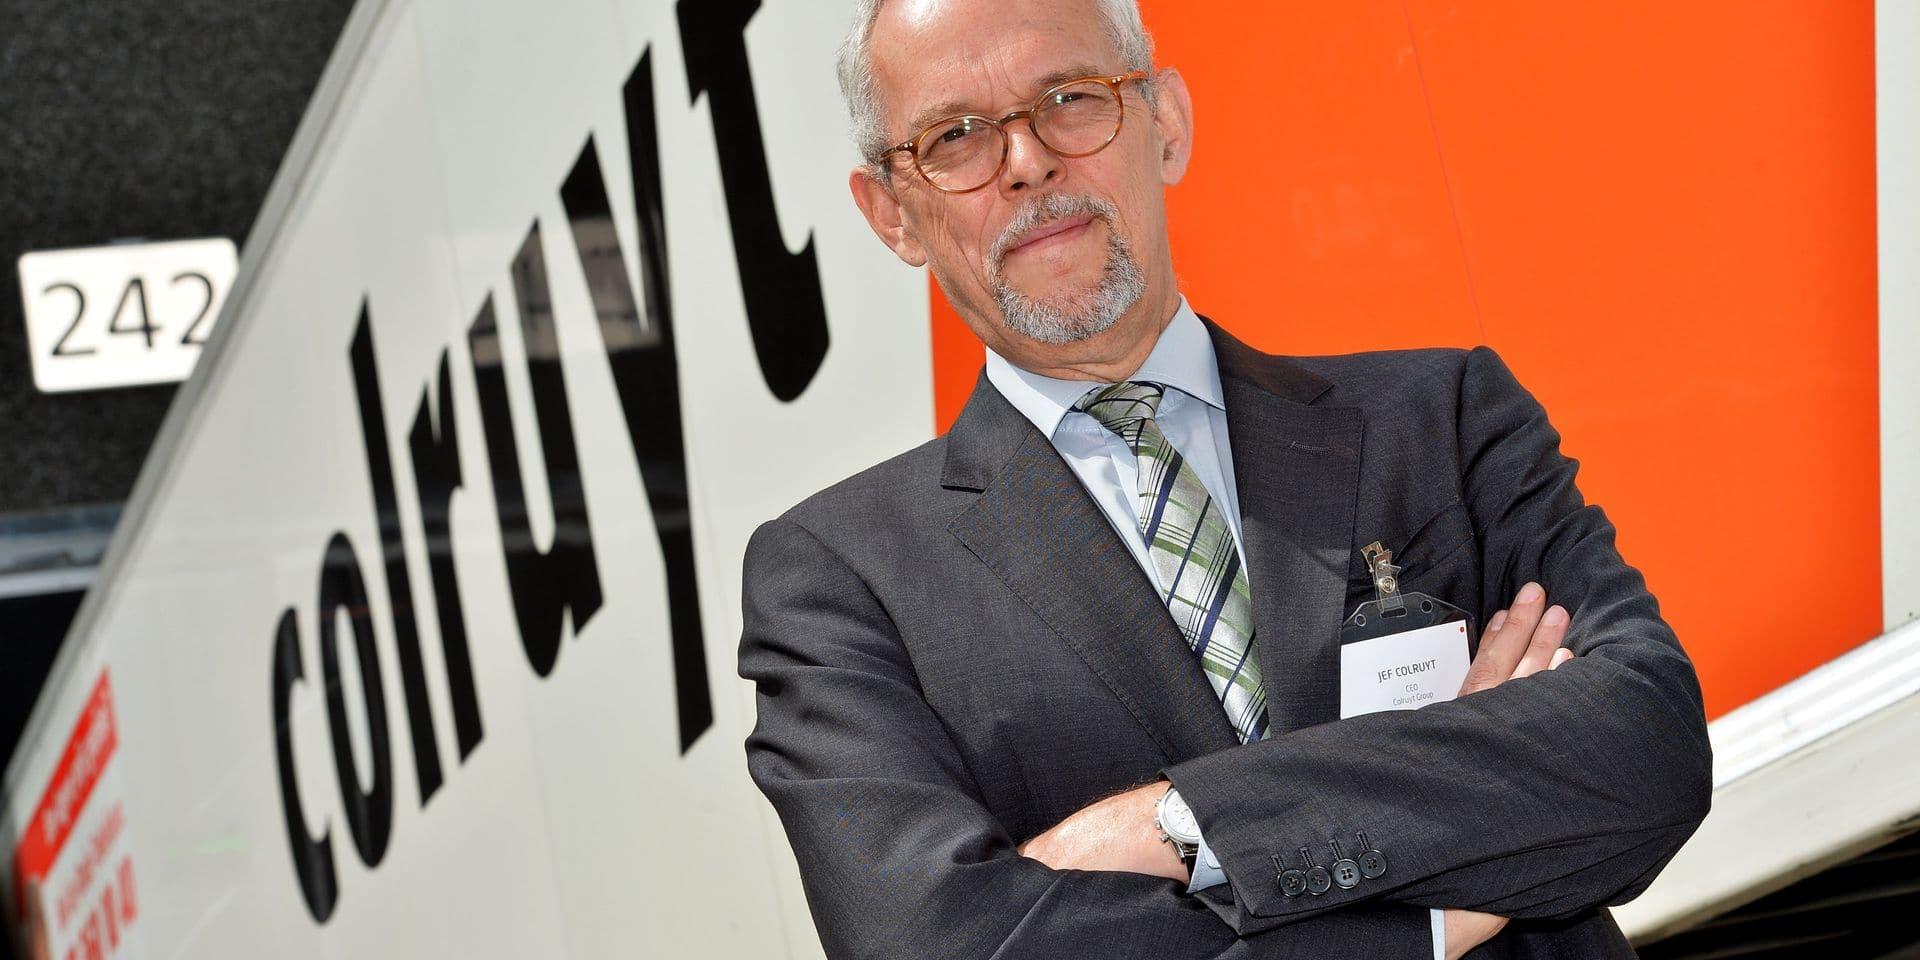 Qui est Jef Colruyt, le patron du distributeur hallois Colruyt ?